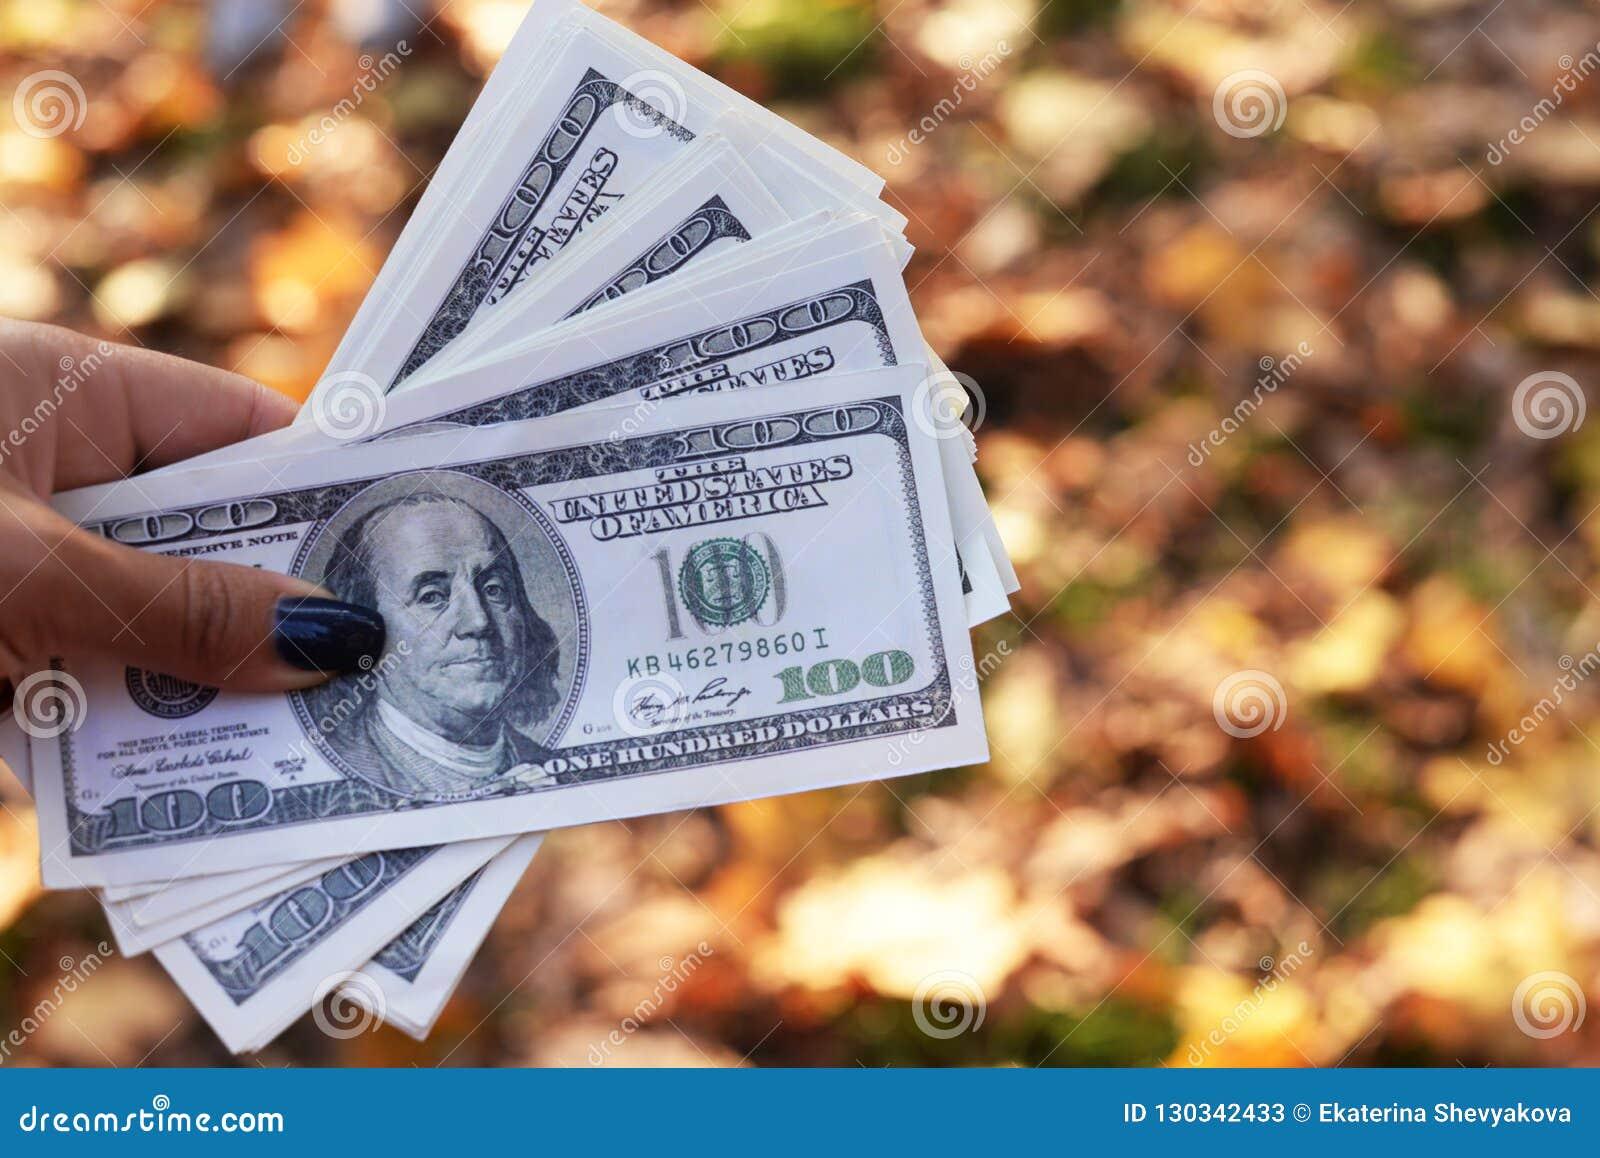 Χρήματα τραπεζογραμματίων εκατό δολάρια στο χέρι ενός κοριτσιού